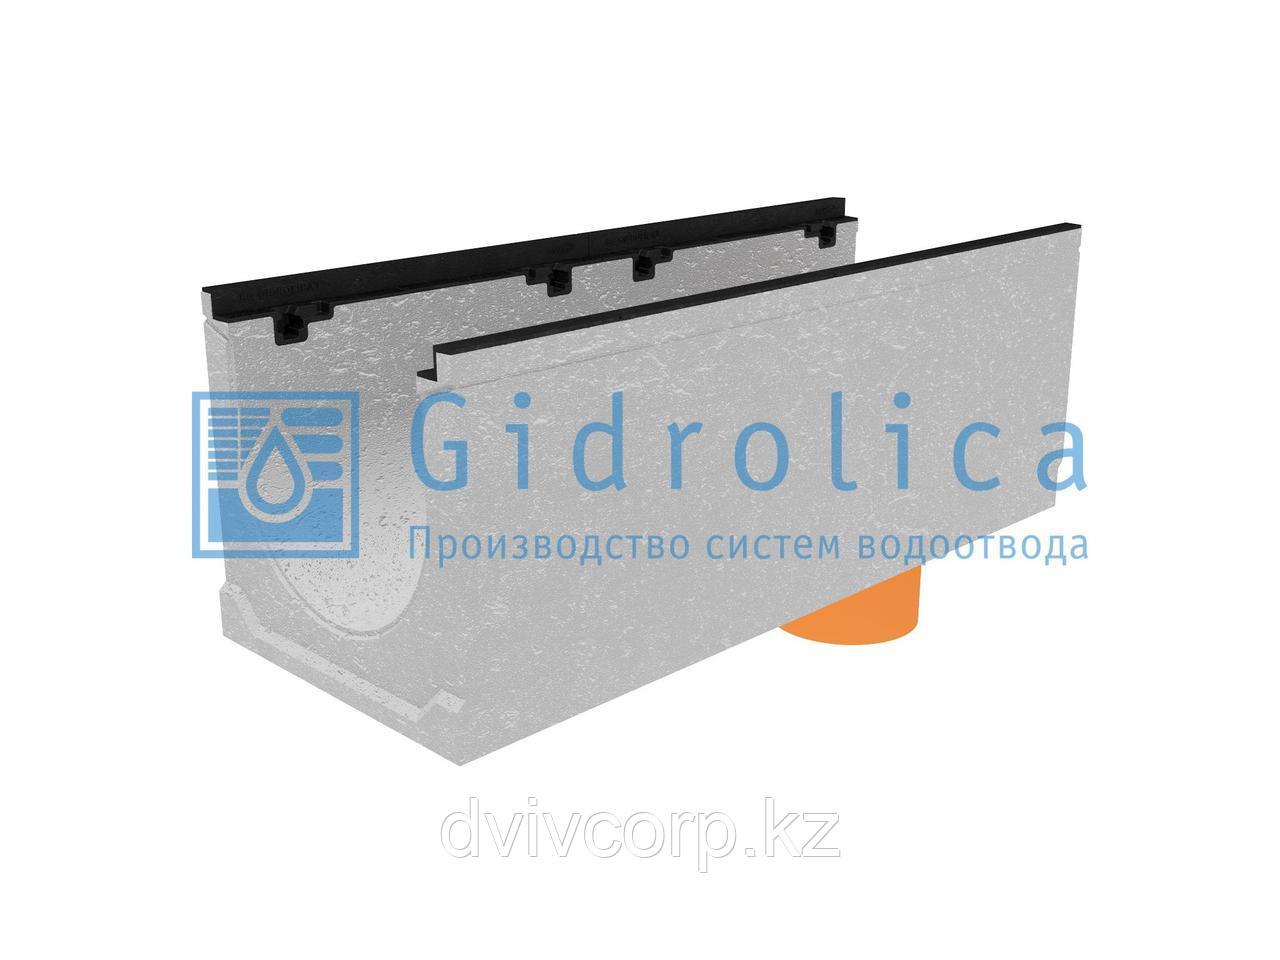 Лоток водоотводный бетонный коробчатый (СО-300мм), с чугунной насадкой, с водосливом КUв 100.39,9 (30).37(30)